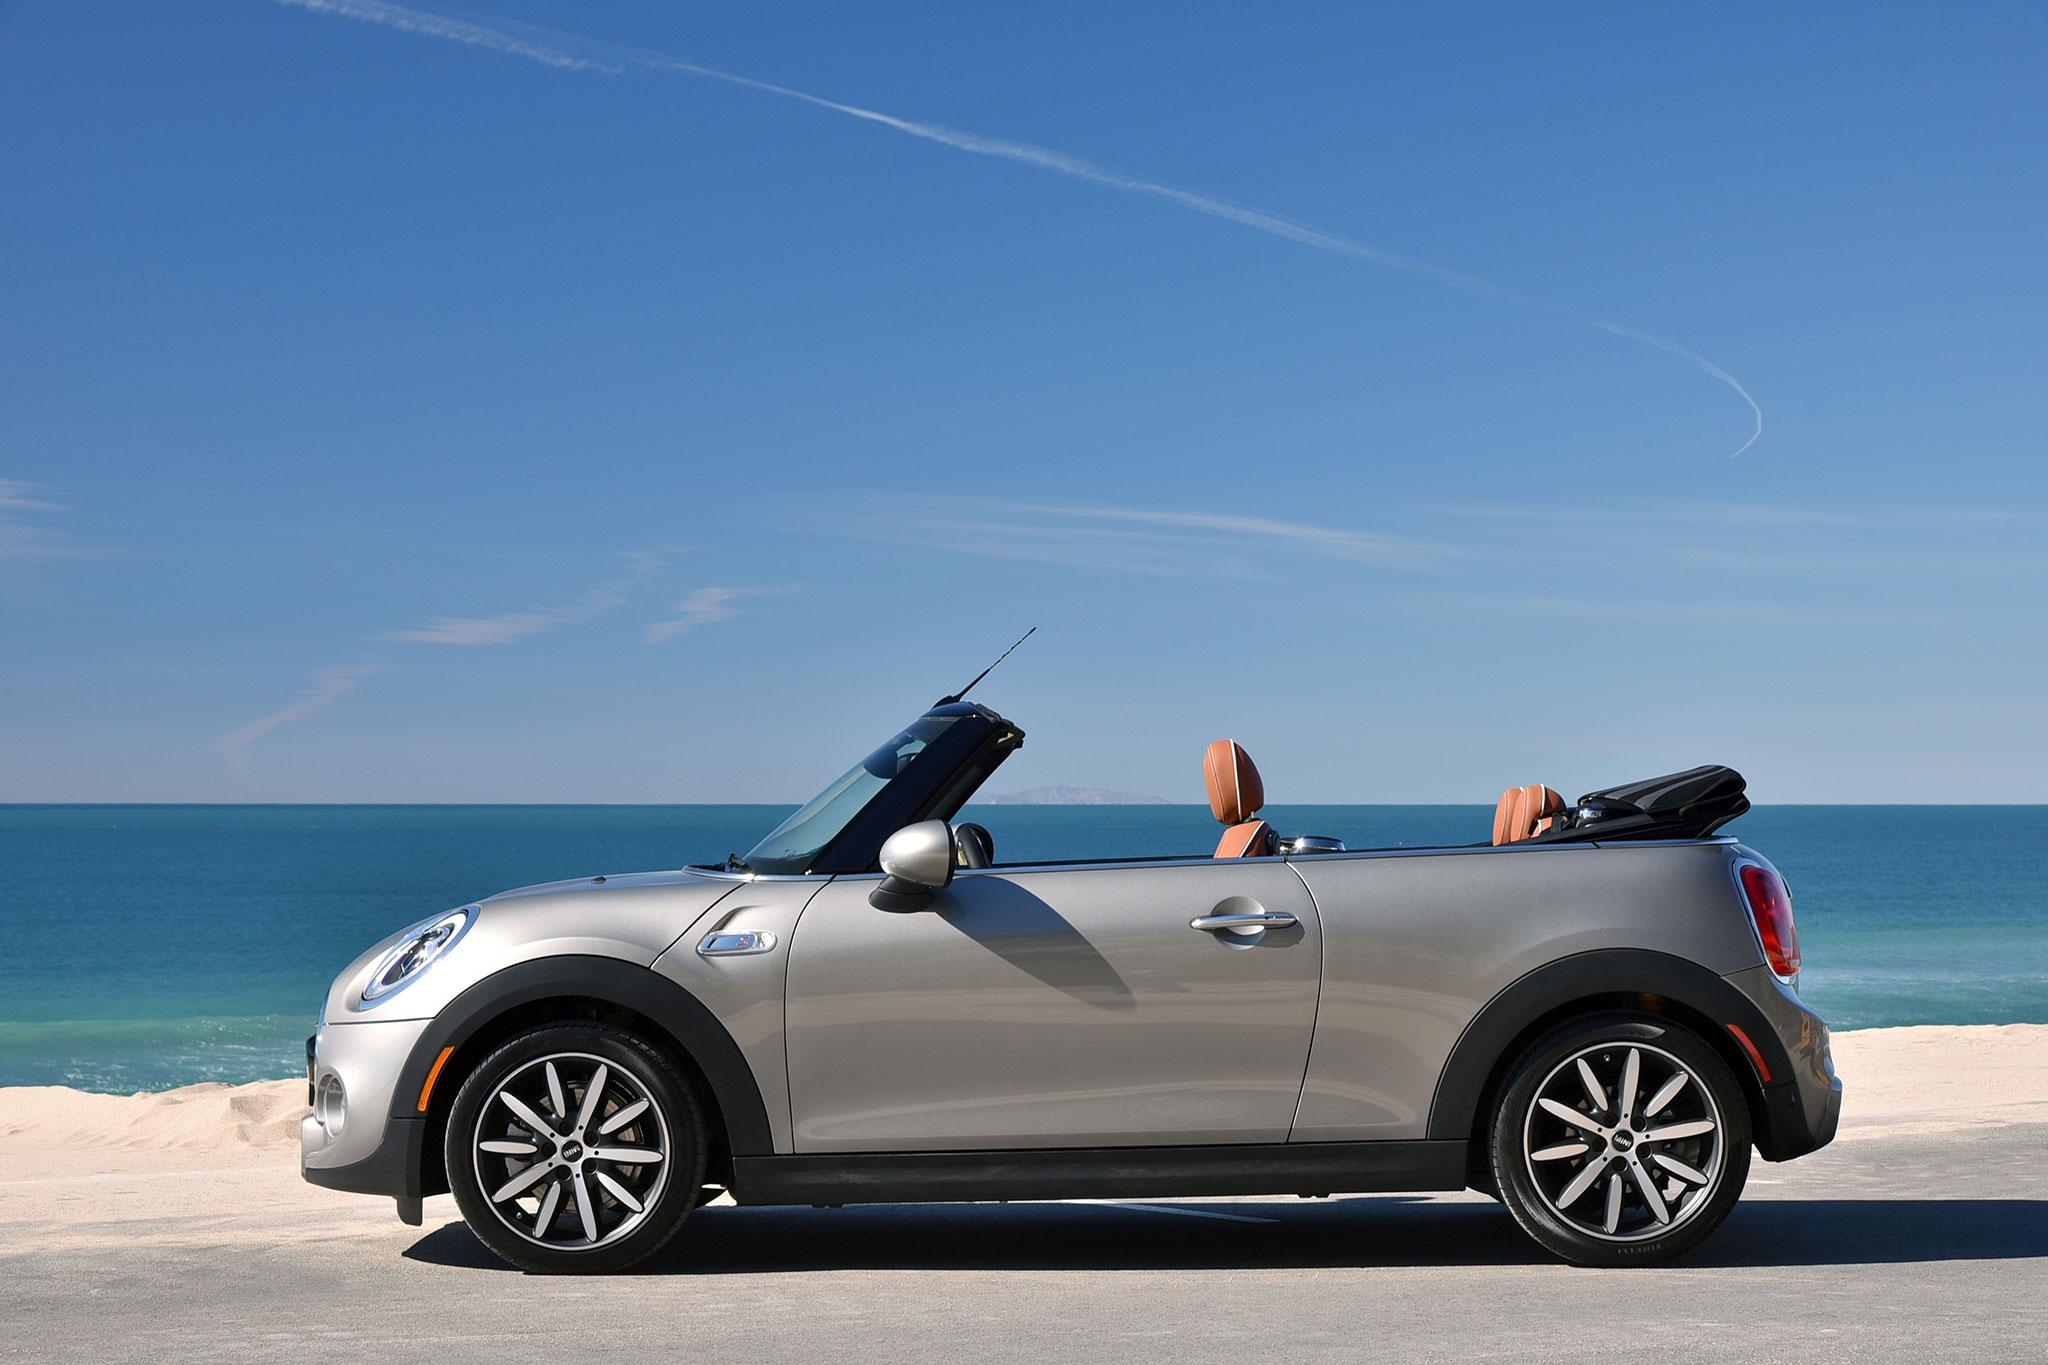 2016 Mini Convertible Cooper S side profile 02 1